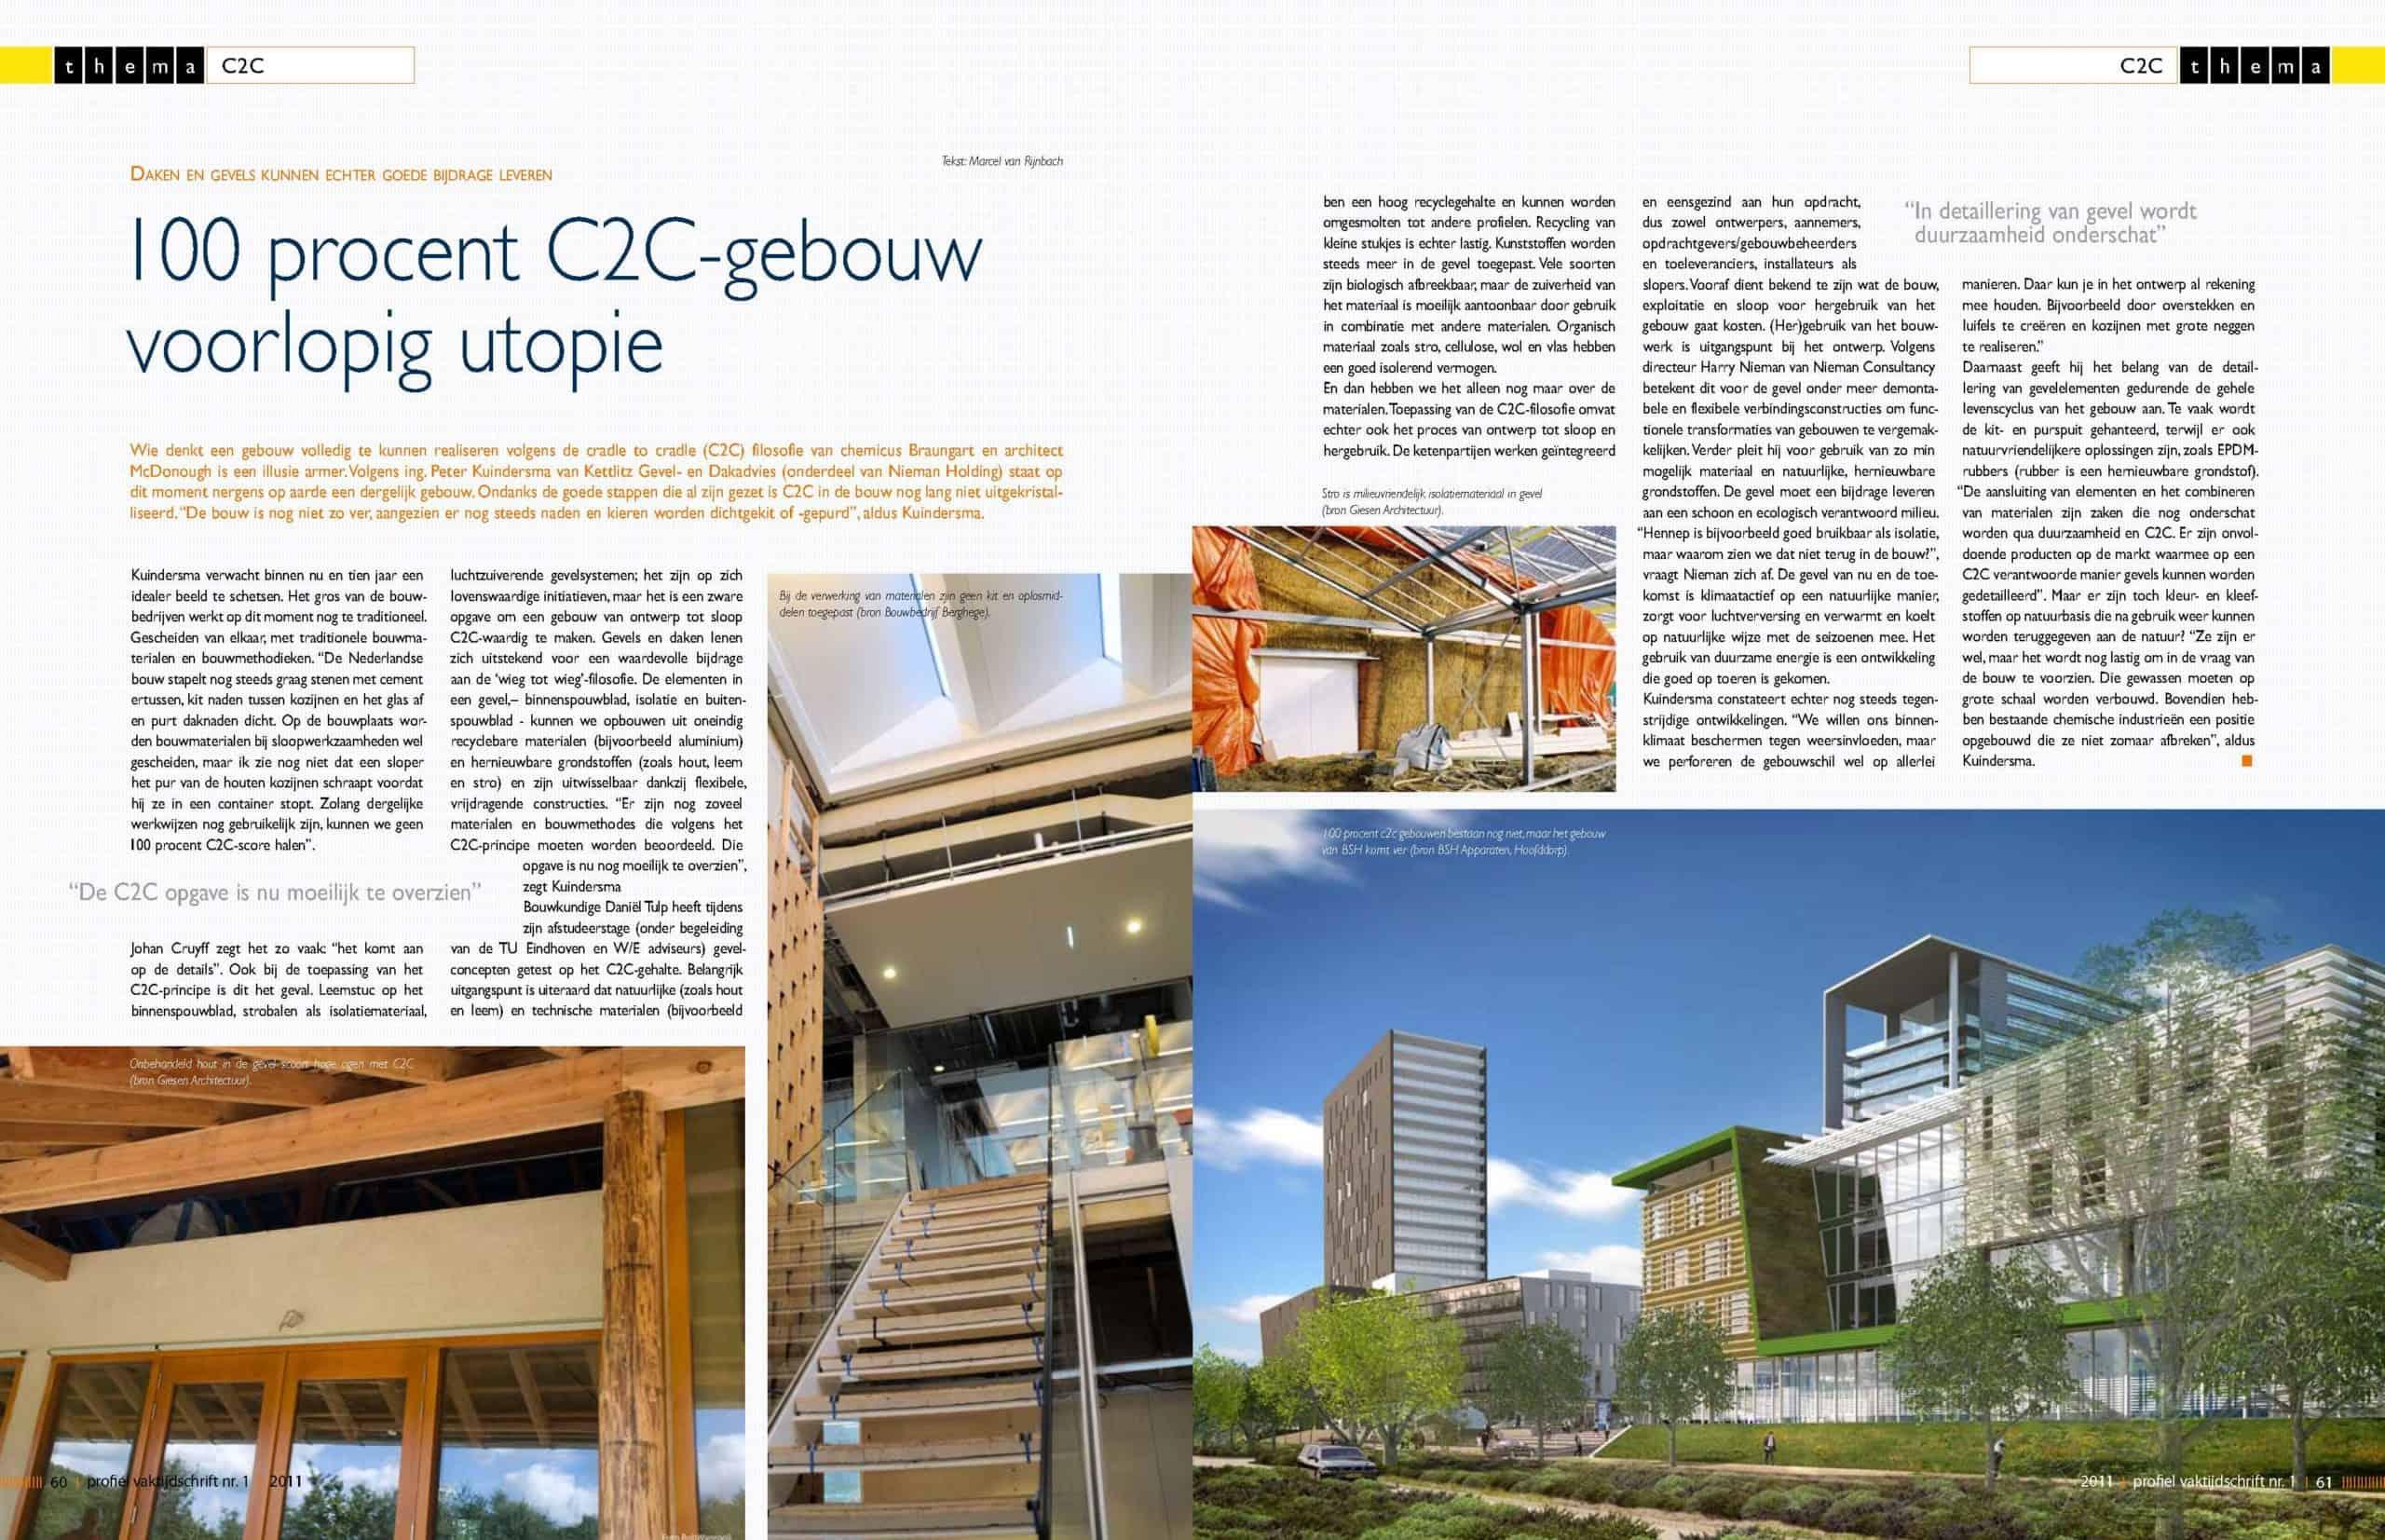 Profiel_2011-01_100_procent_C2C-gebouw_voorlopig_utopie-3-scaled